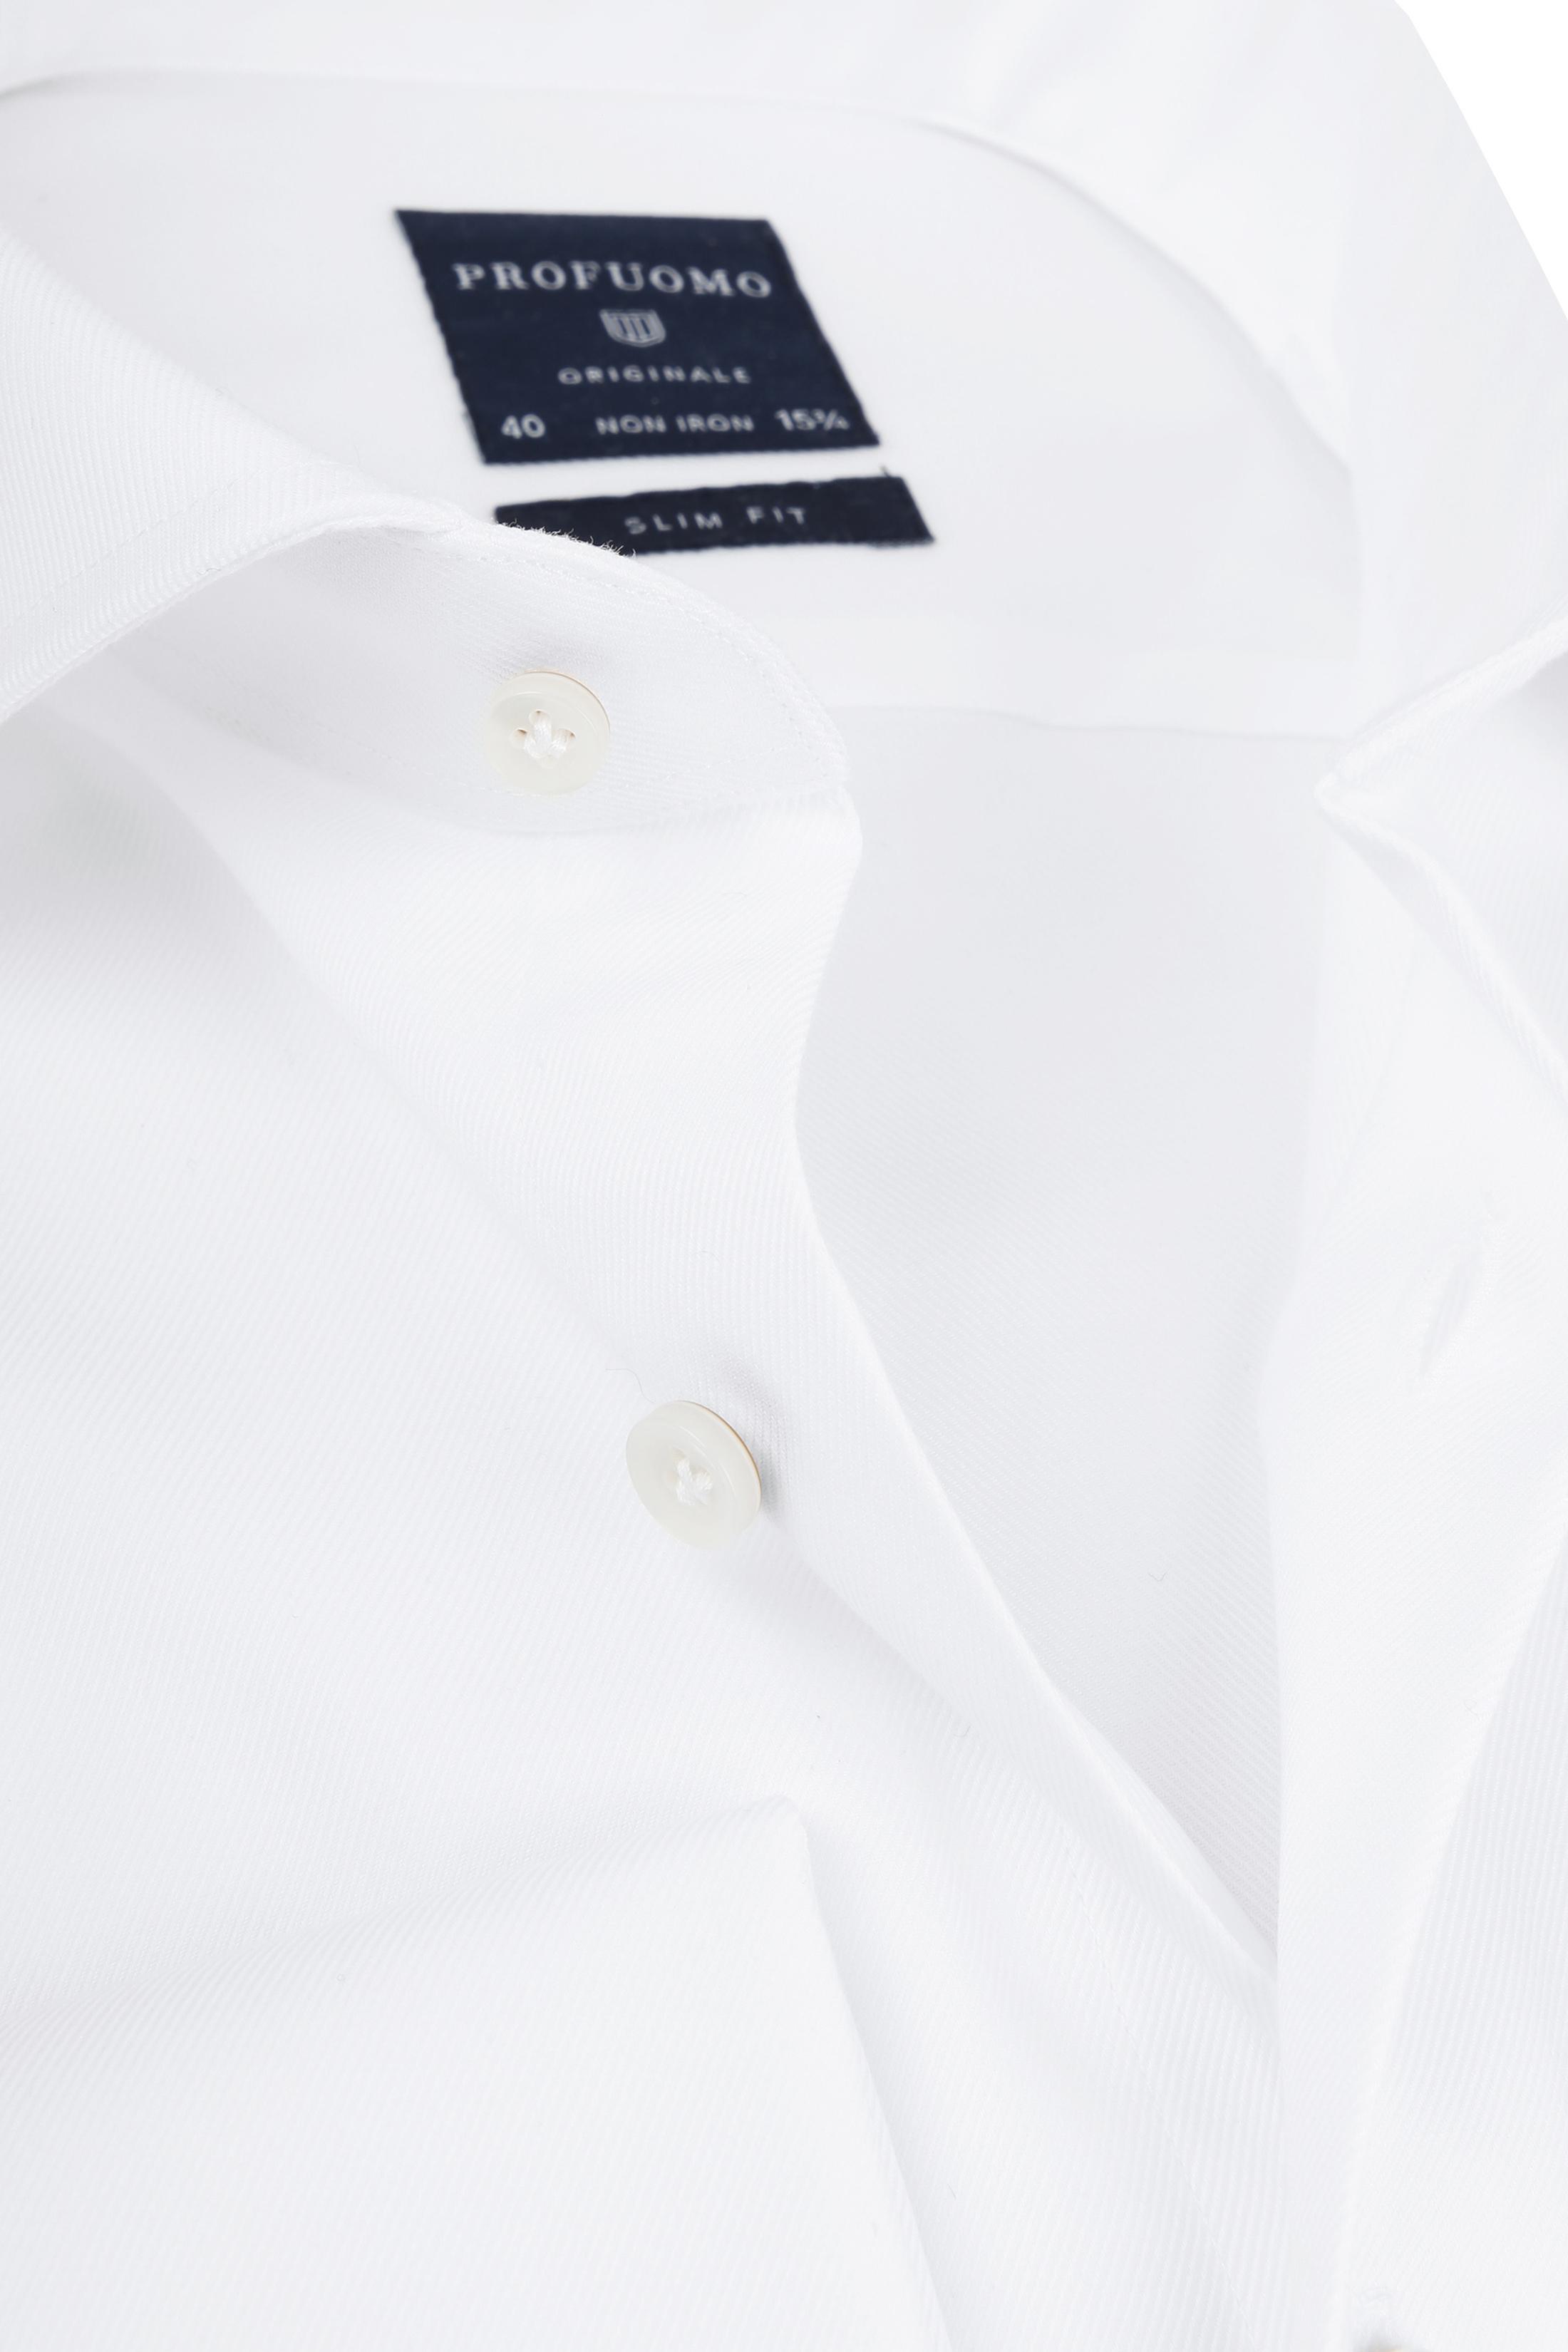 Profuomo Shirt Cutaway Doppel Manschette Weiß foto 1